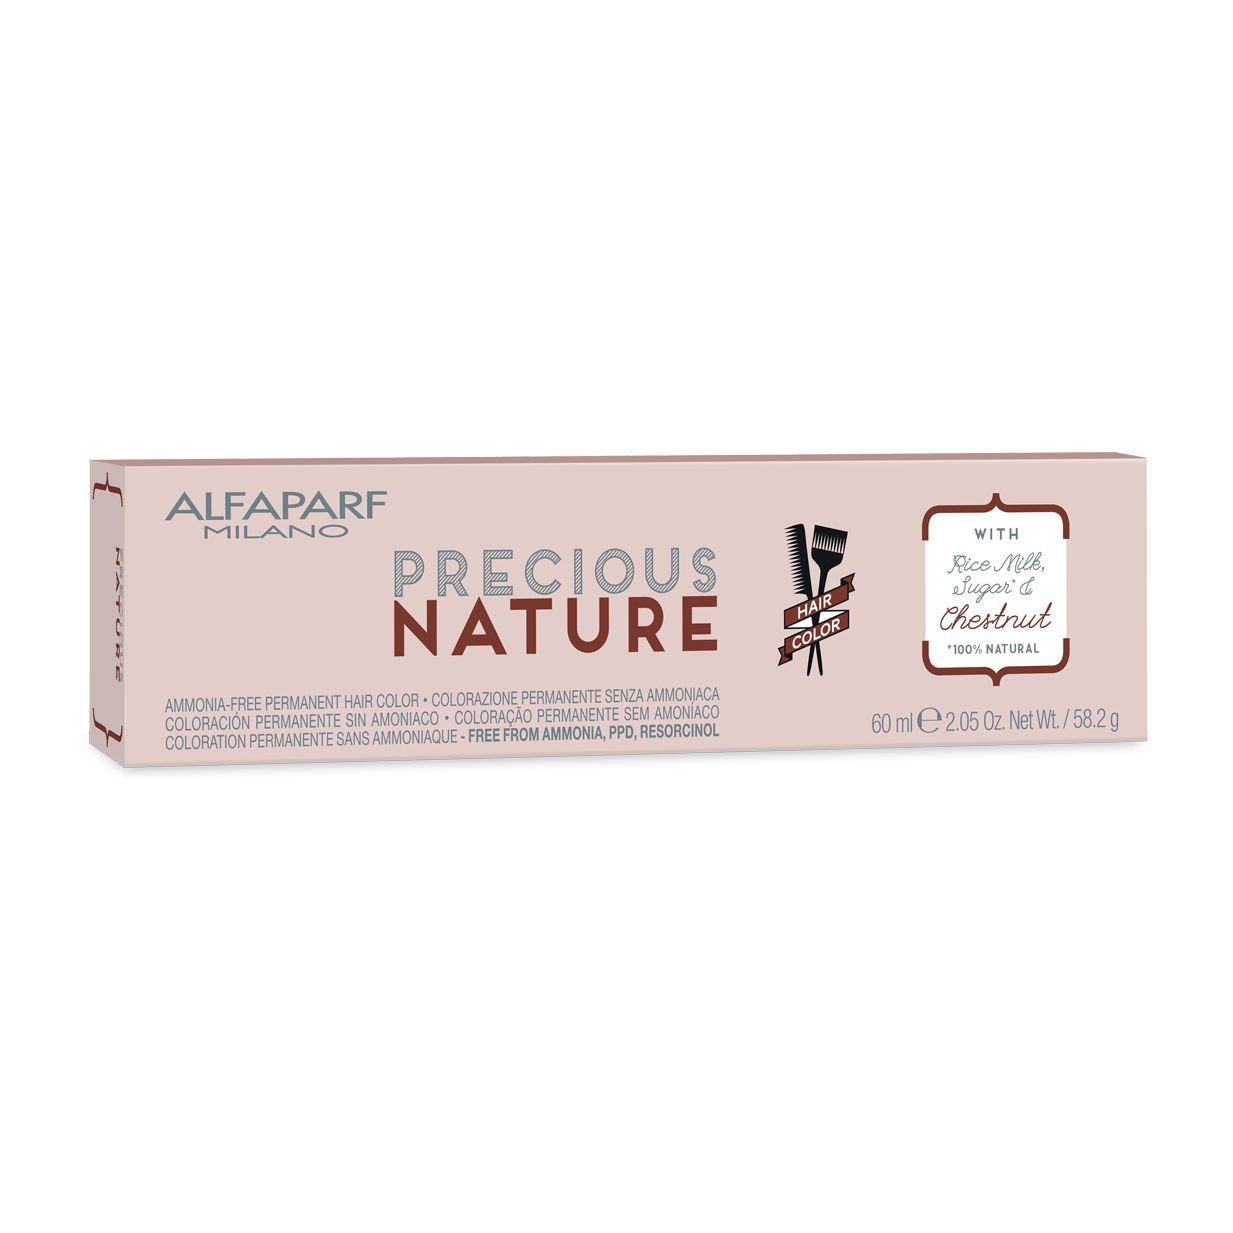 Alfaparf Milano Precious Nature Hair Color Natural Creme de Coloração 3 Castanho Escuro 60 ml